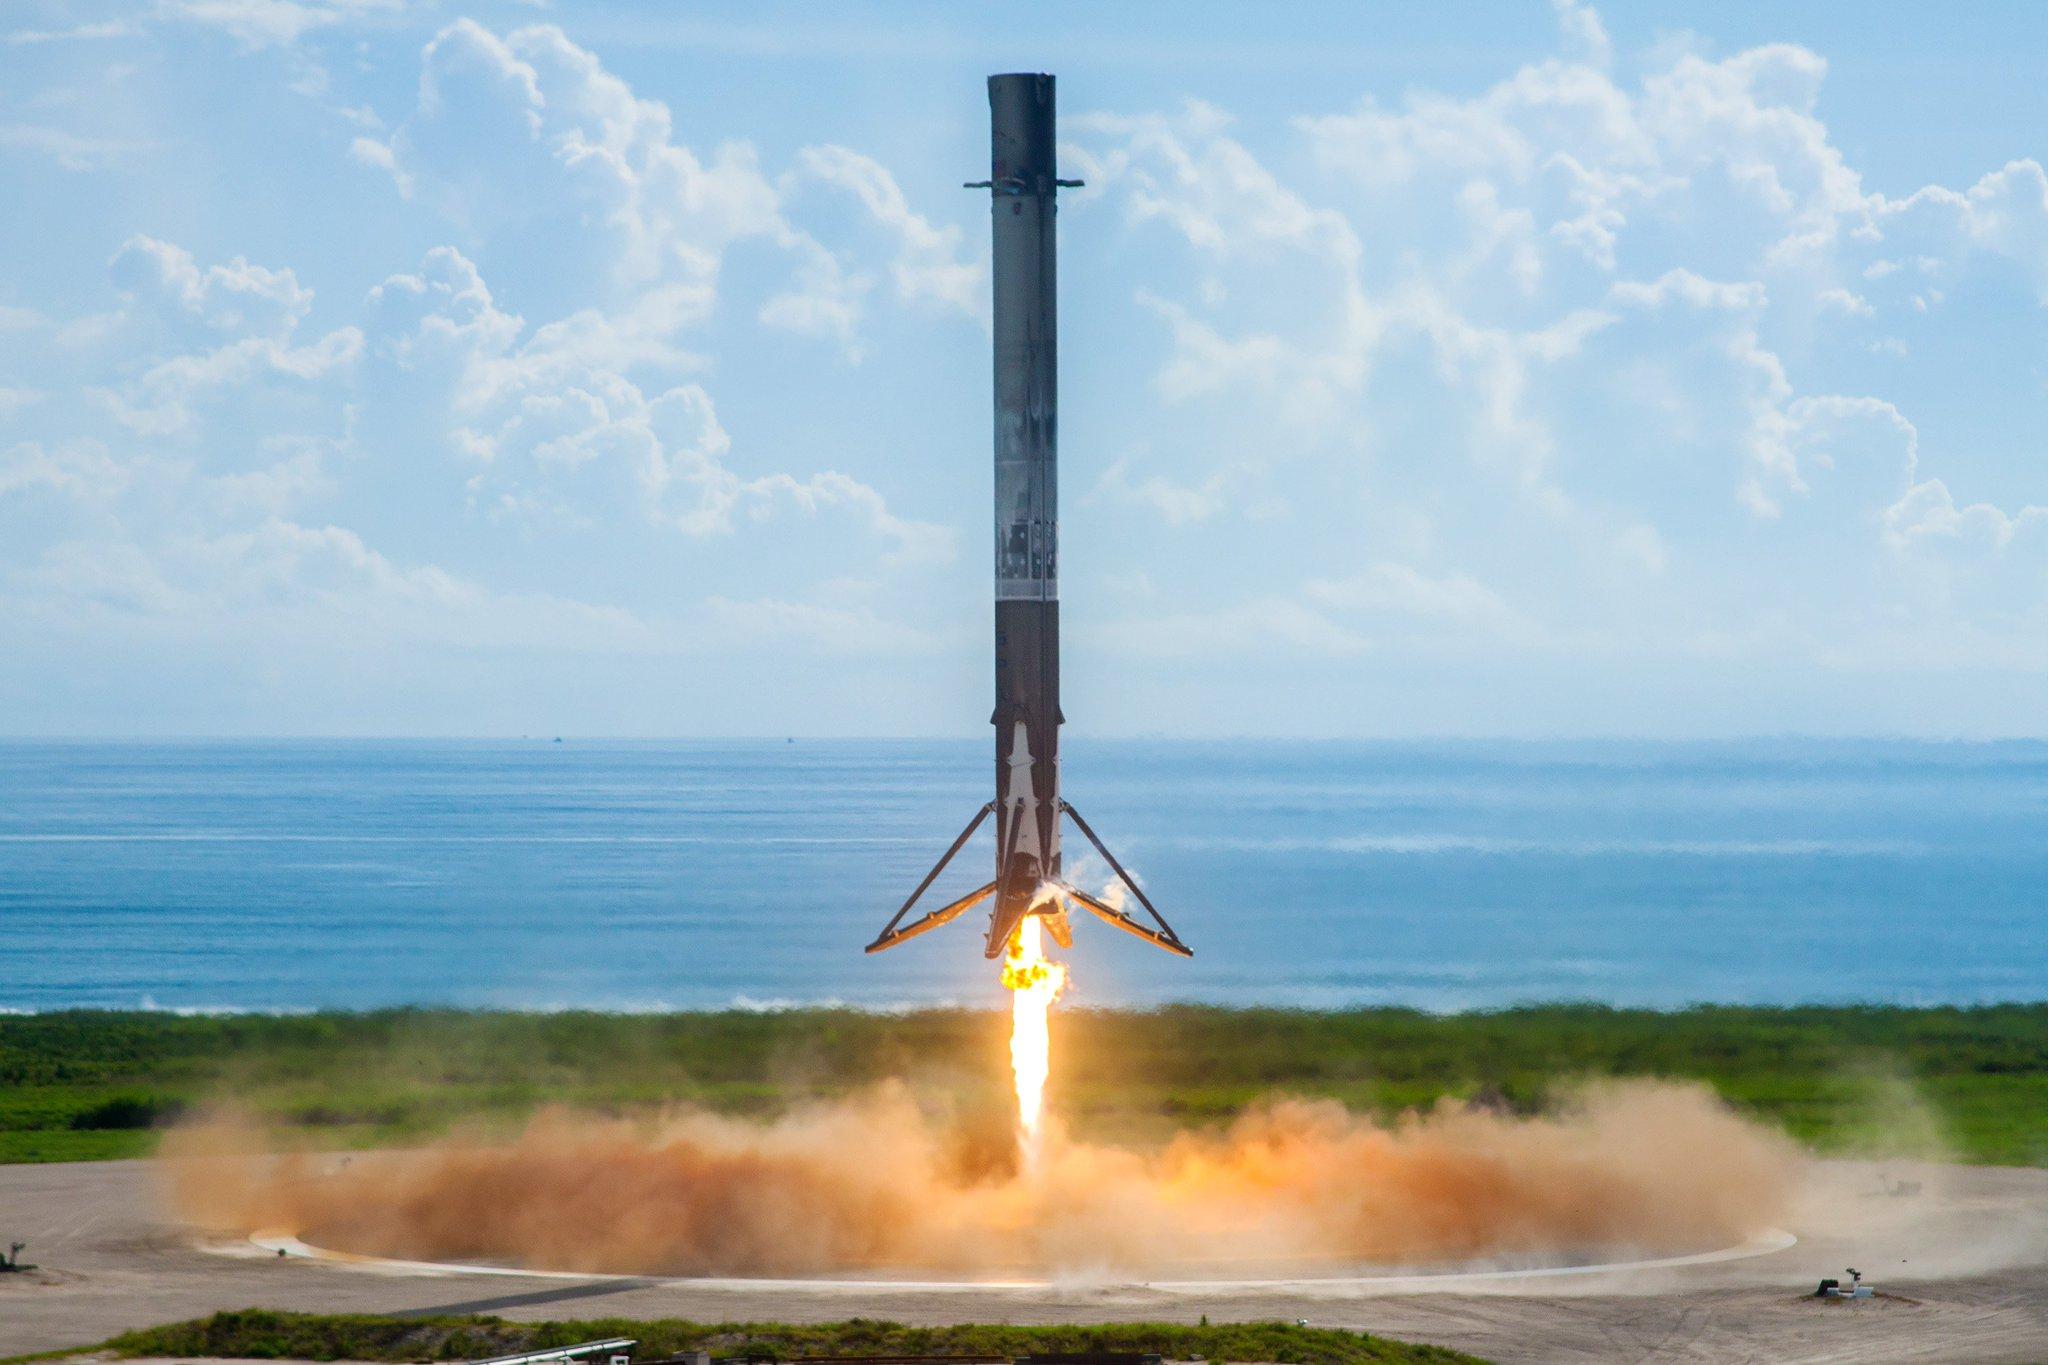 посадка первой ступени тяжёлой ракеты Фэлкон 9